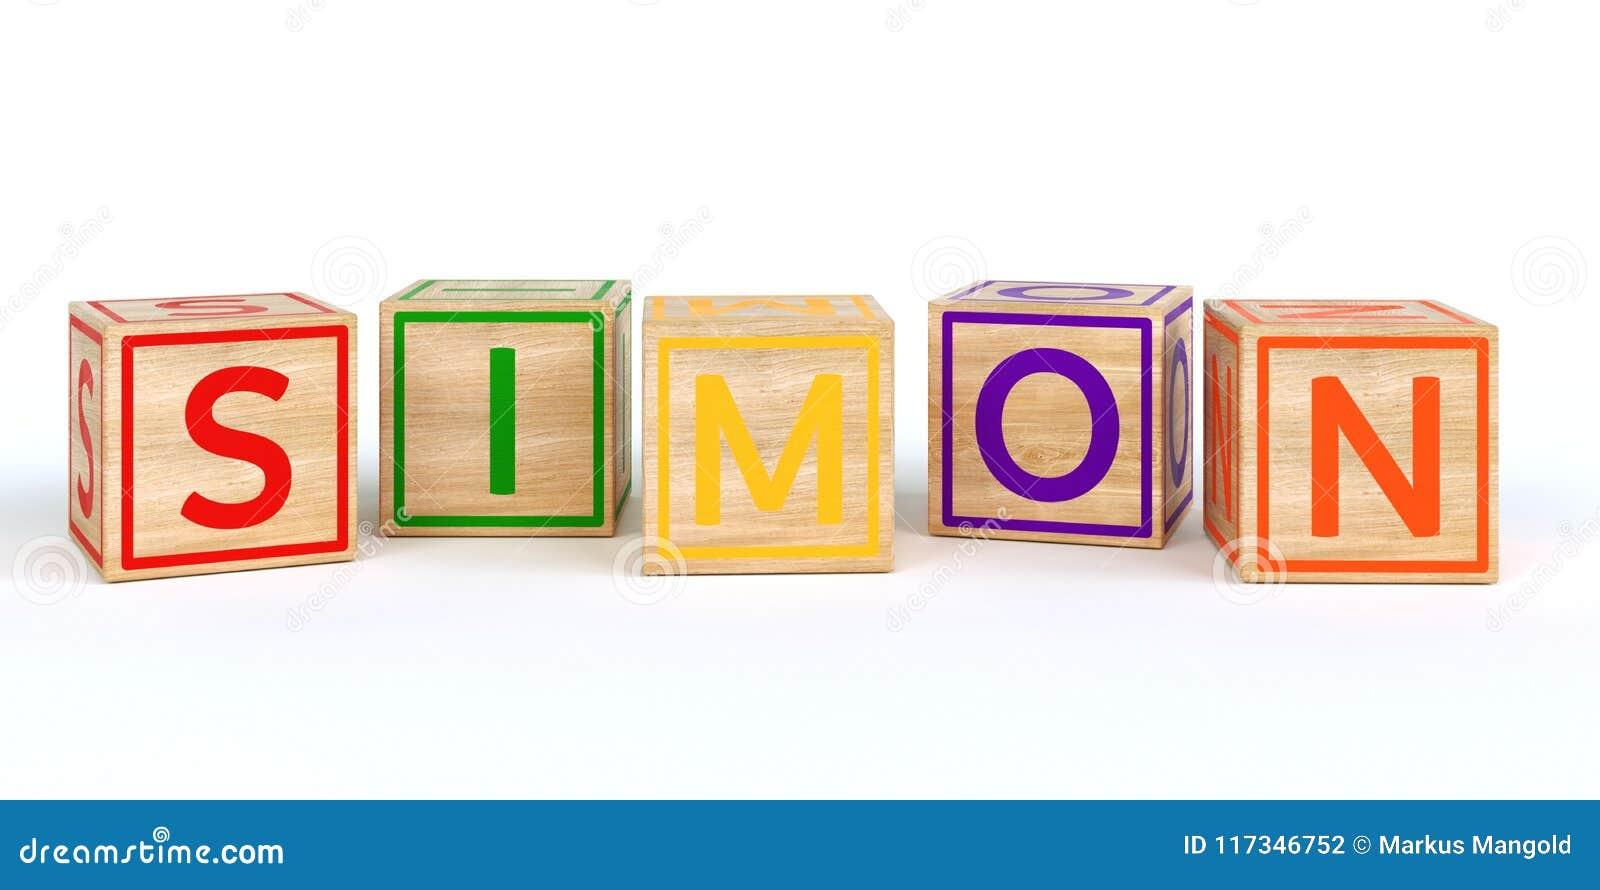 224ad65b0e5c Cubos De Madera Aislados Del Juguete Con Las Letras Con El Nombre ...